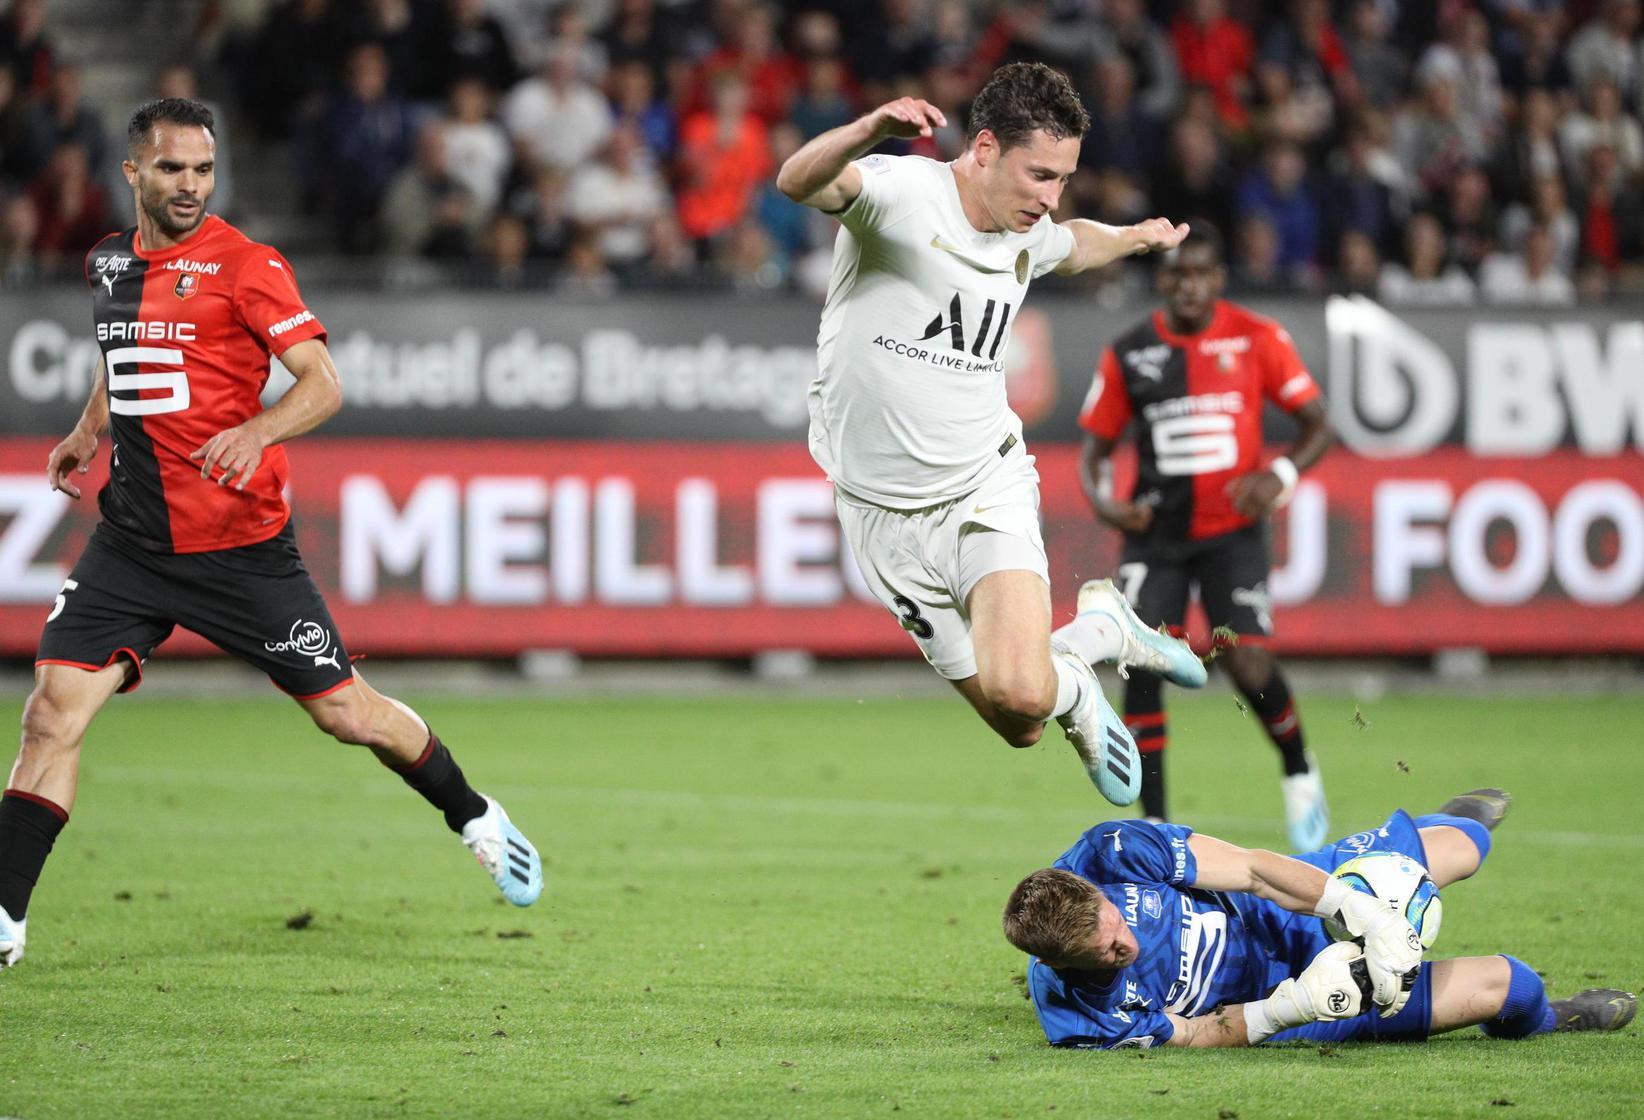 Dominique Sévéracà Rennes